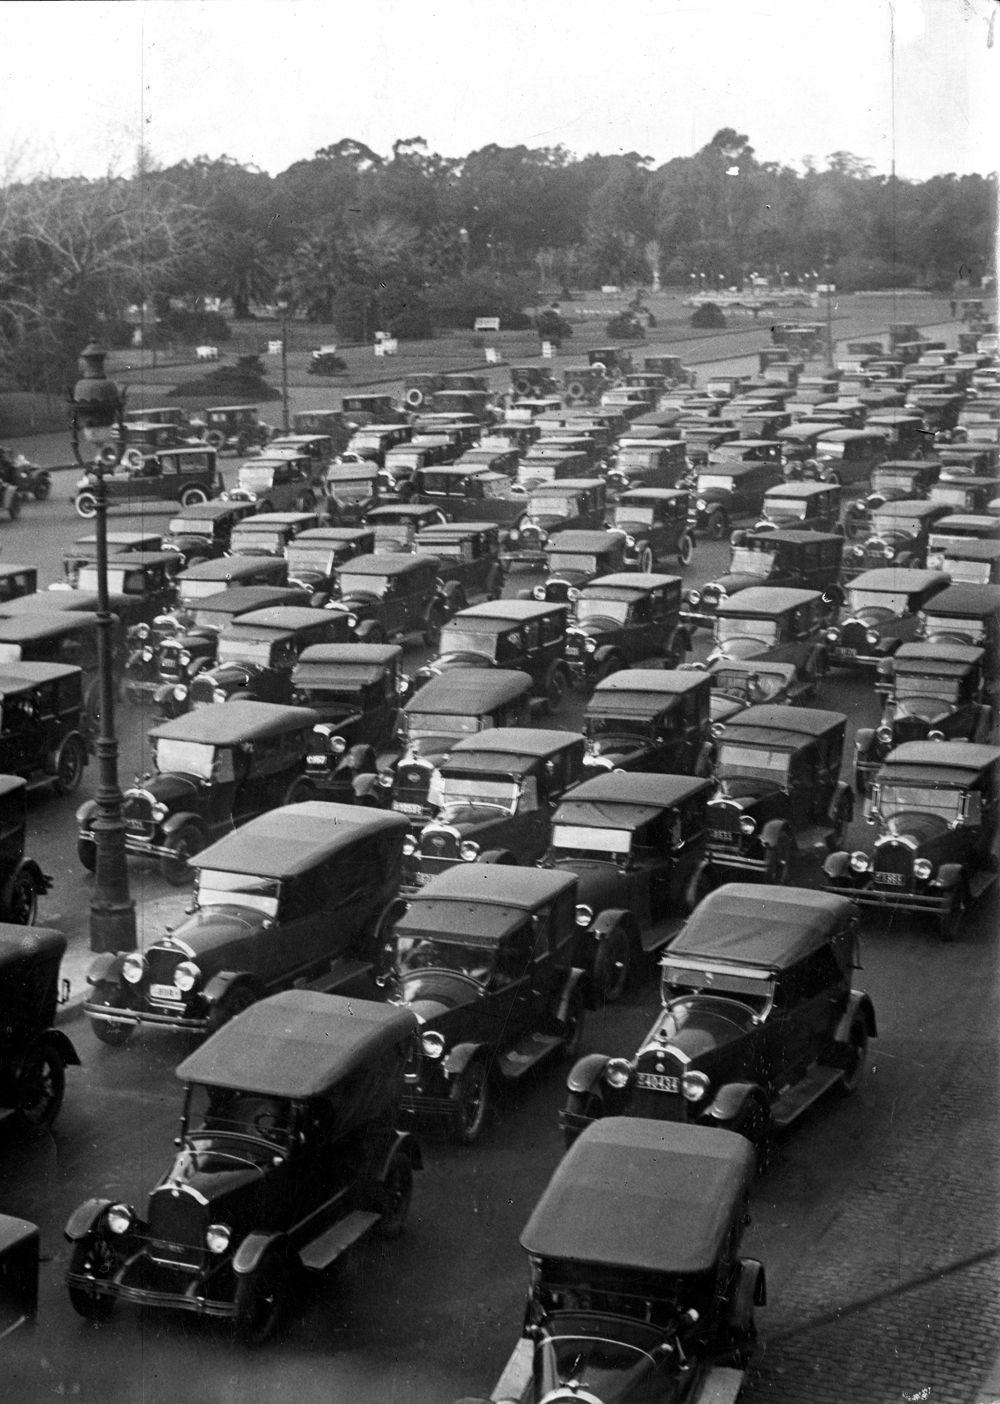 Estacionamiento Alvear_edited-1